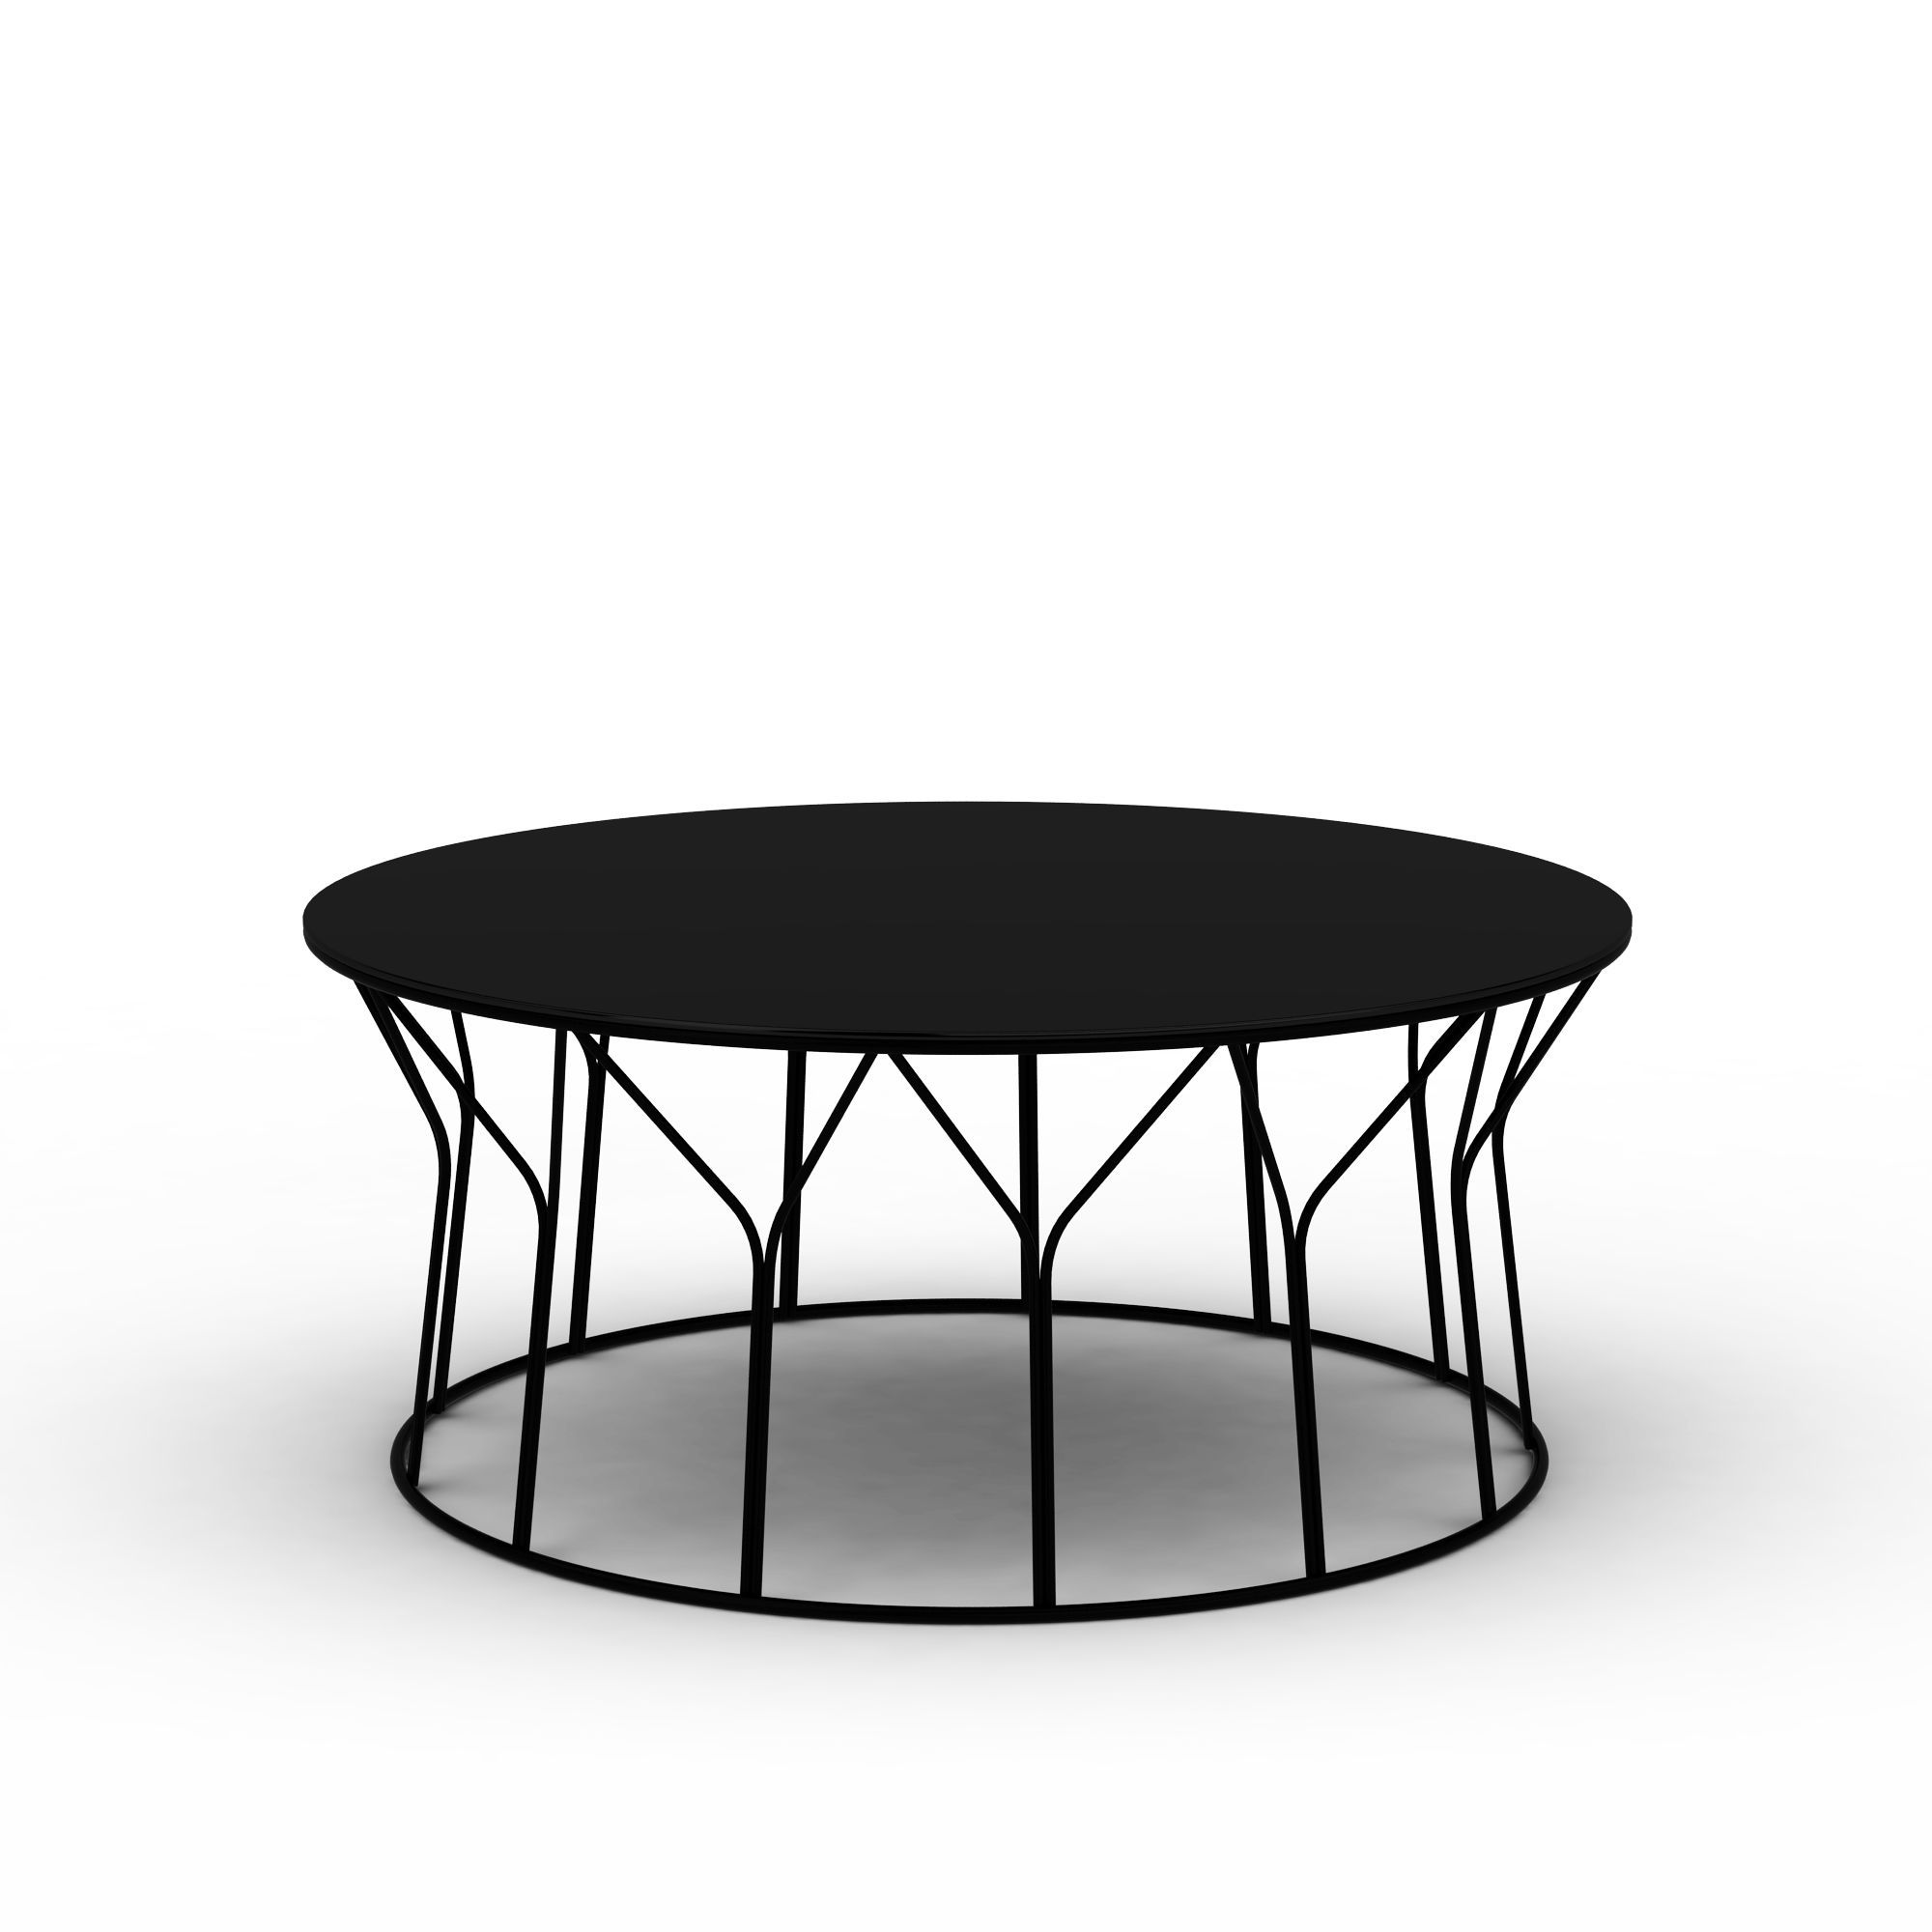 创意圆形桌子高清图下载